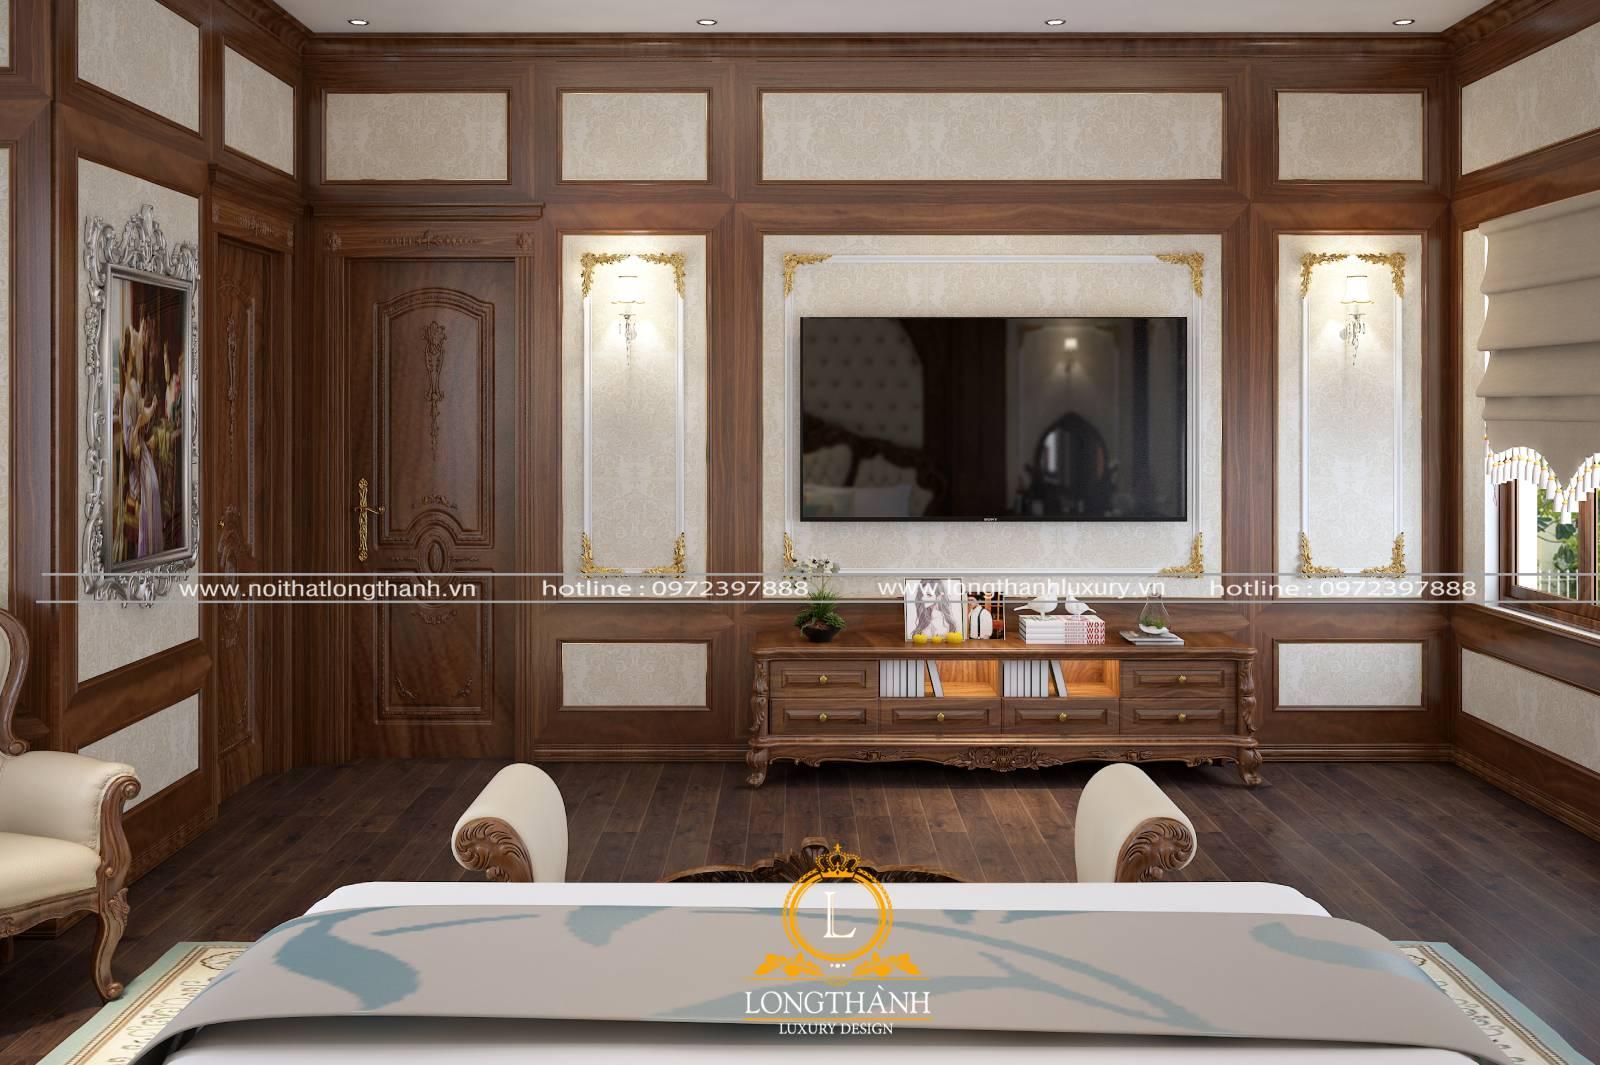 Phòng ngủ tân cổ điển có cửa gỗ tự nhiên được trang trí độc đáo